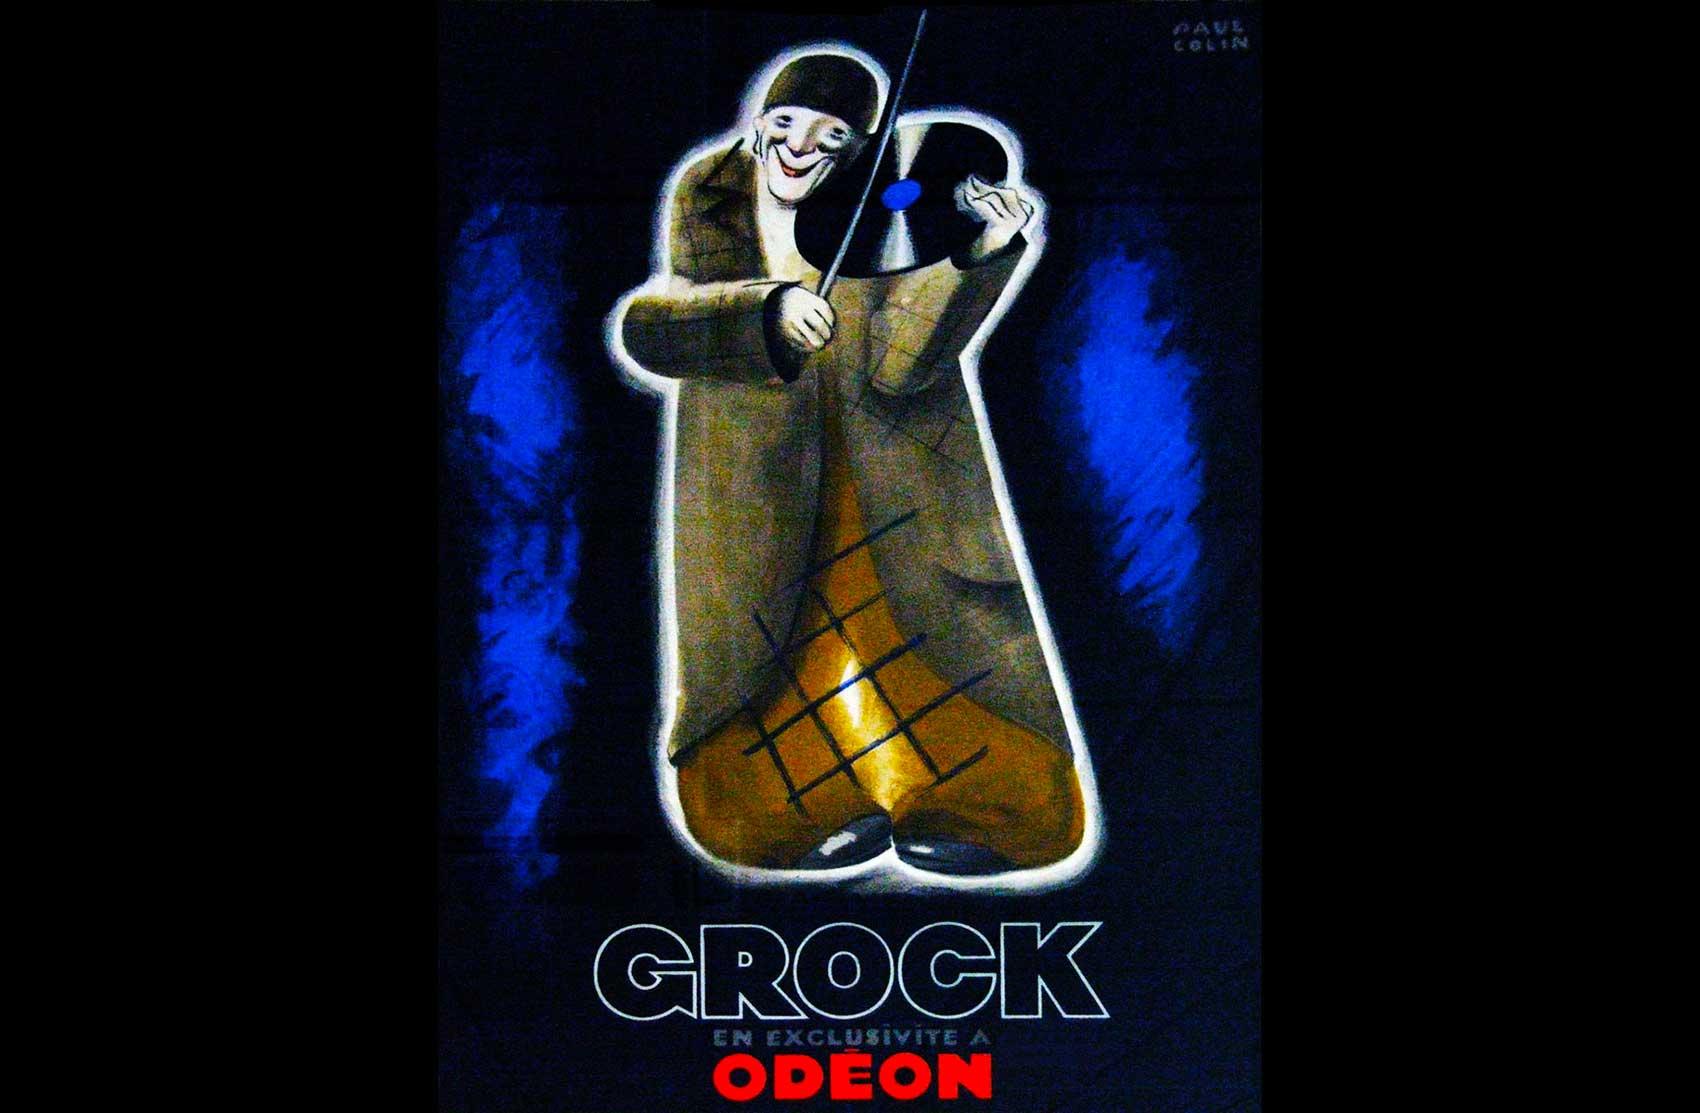 Affiche per la realizzazione di una copertina dei dischi Odeon · Collezione privata Dr Alain Frère